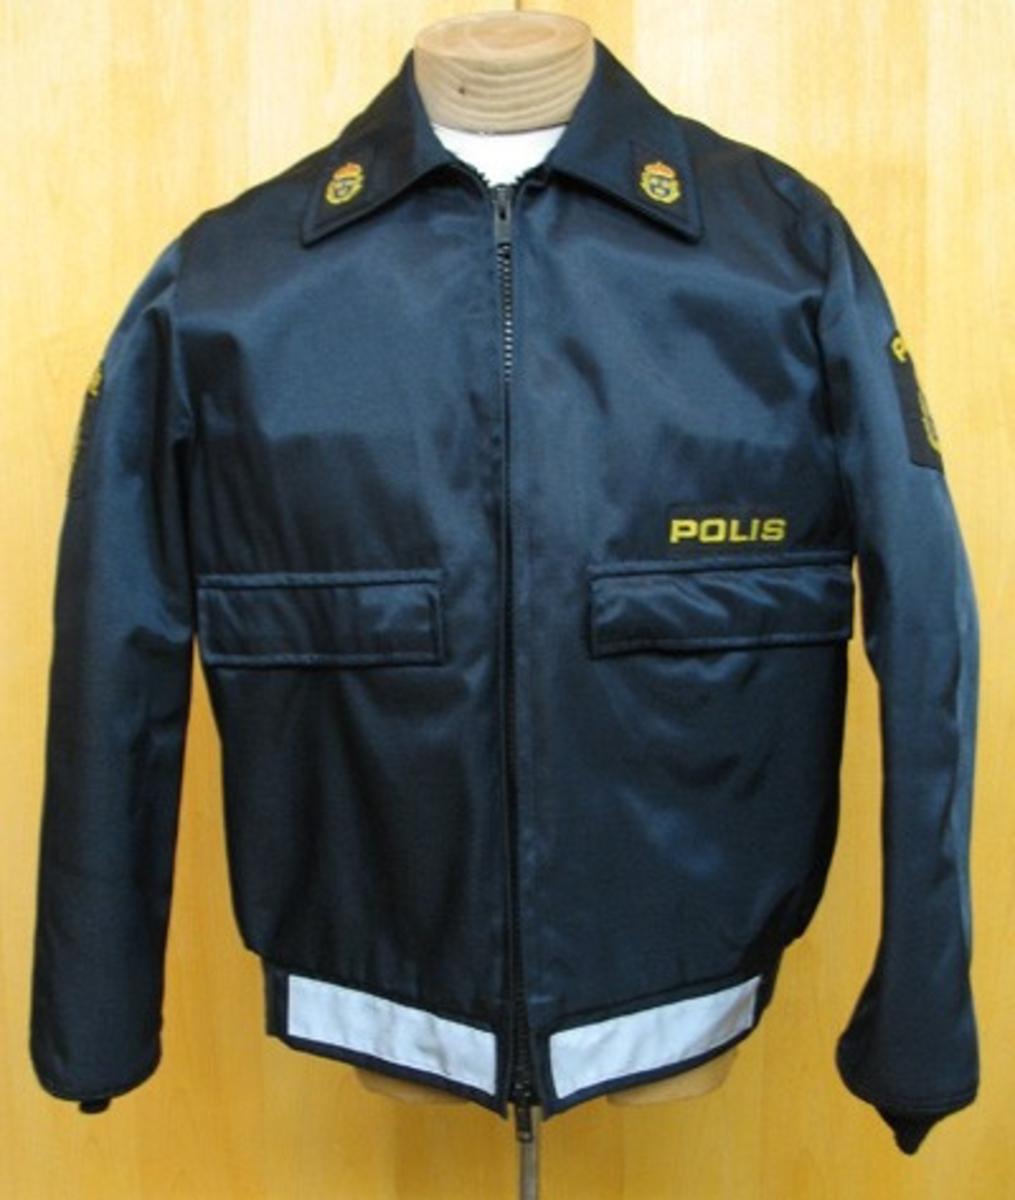 Uniformsjacka för polisman. Jackan är mörkblå och tillverkad av vernyl (yttertyg), trilubal, polyamid och polynosic (innertyg) acryl (foder). På ryggen finns texten ''POLIS'' i 8 cm. höga bokstäver av reflextyg.  Längs midjan finns ytterligare tre band av reflextyg. På båda överärmarna finns polisens vapen och texten ''POLIS'' påsytt. Polisens vapen finns även på kragens spetsar. På vänster bröstsida finns en tygetikett med texten ''POLIS'' i gult på svart botten. Jackan stängs med dragkedja.